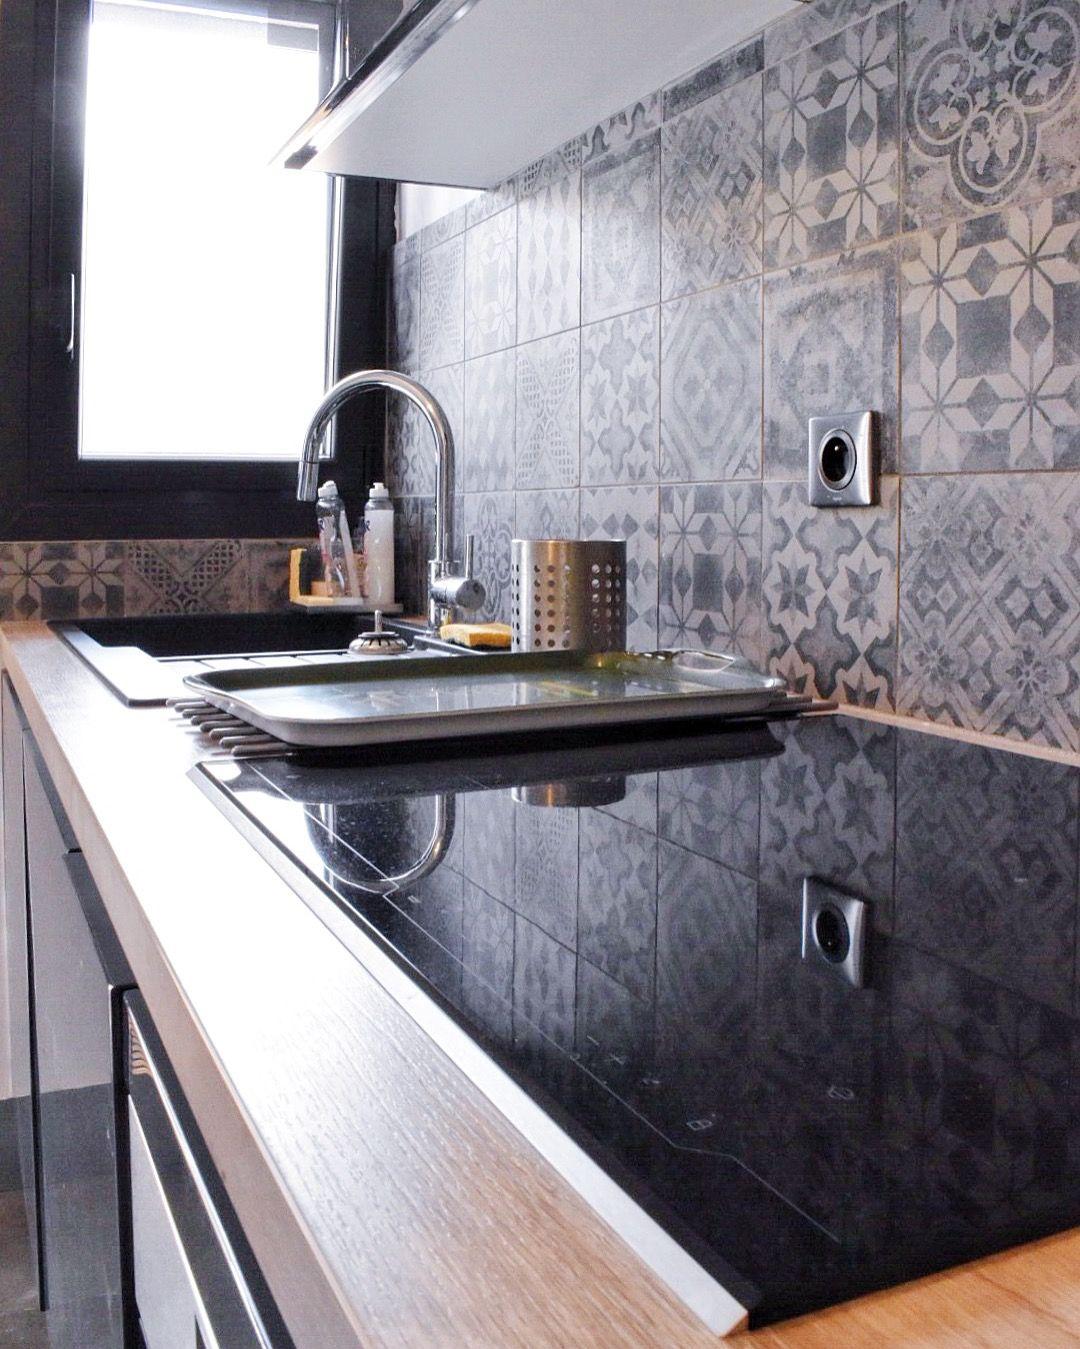 projet cuisine avec fa ades laqu es gris brillant plan de travail stratifi effet bois et. Black Bedroom Furniture Sets. Home Design Ideas